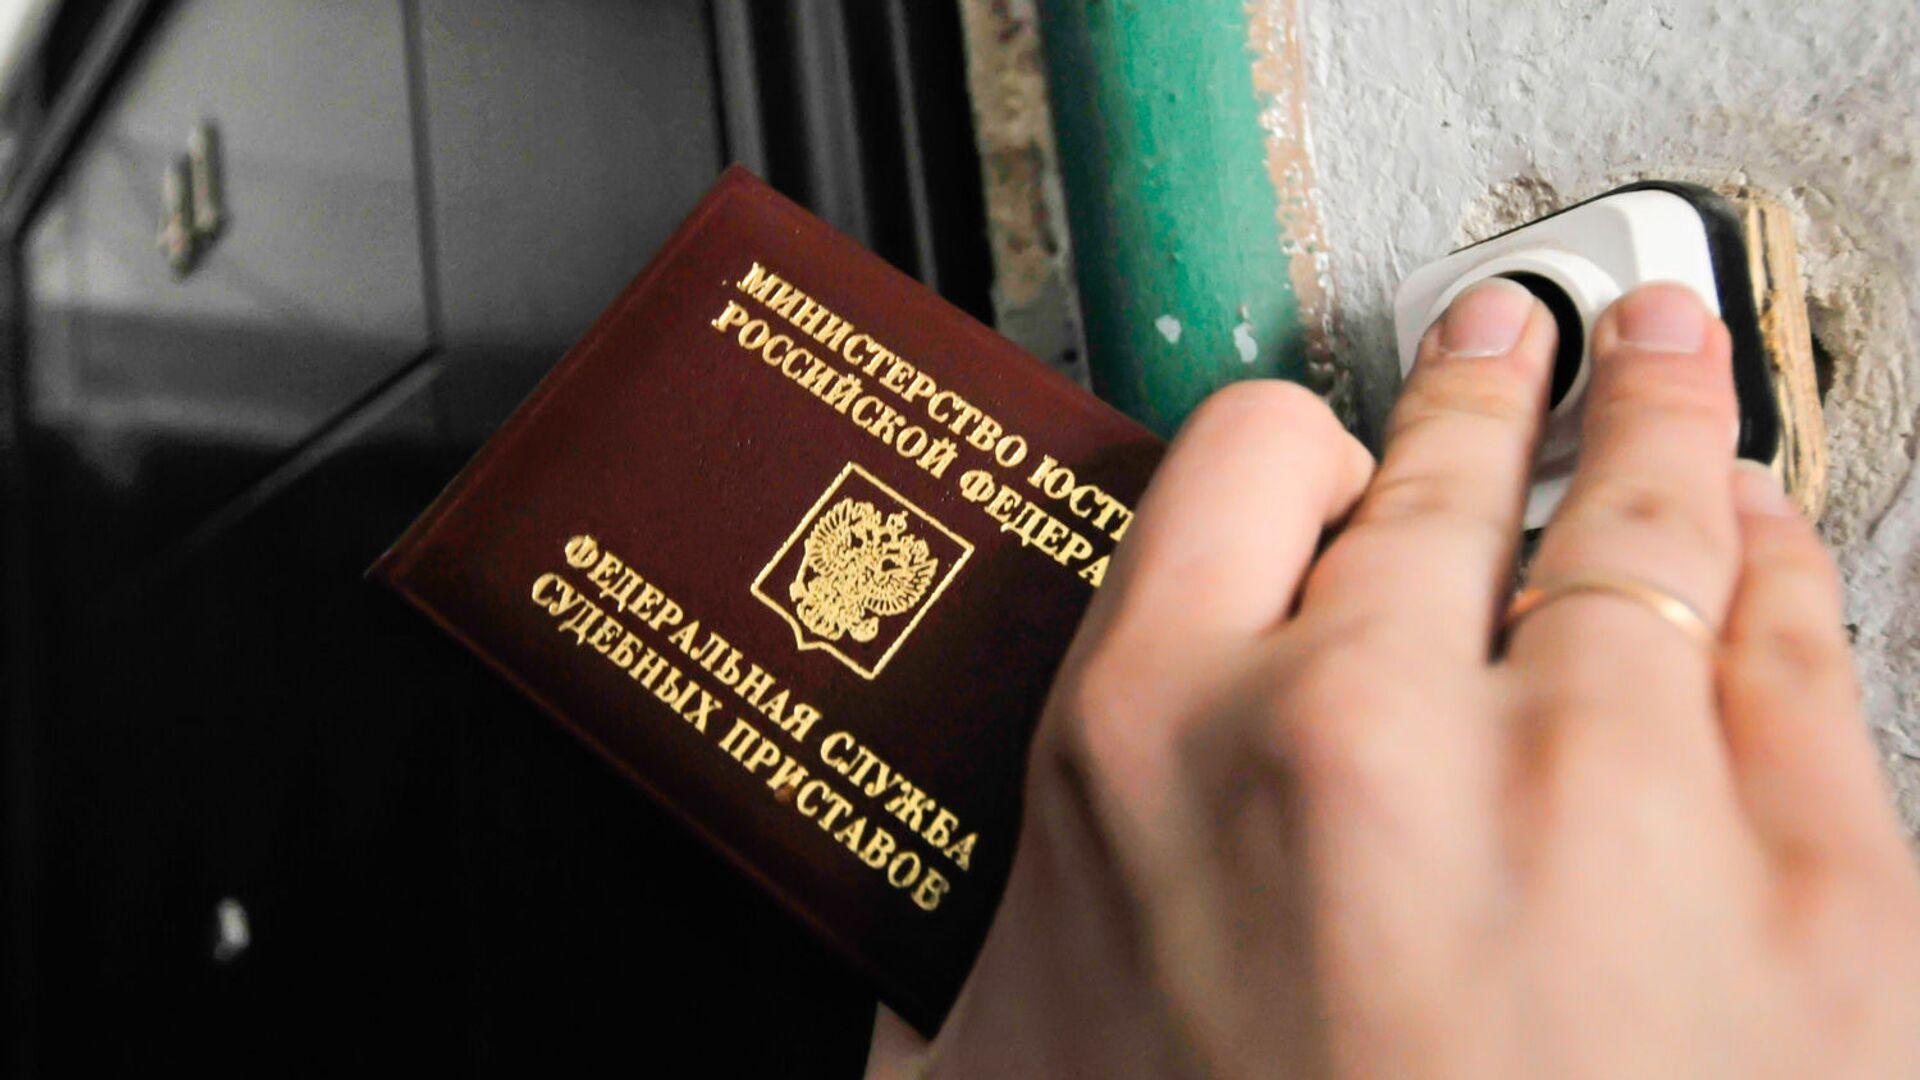 Рейд судебных приставов по проверке имущественного положения должников - РИА Новости, 1920, 17.06.2021